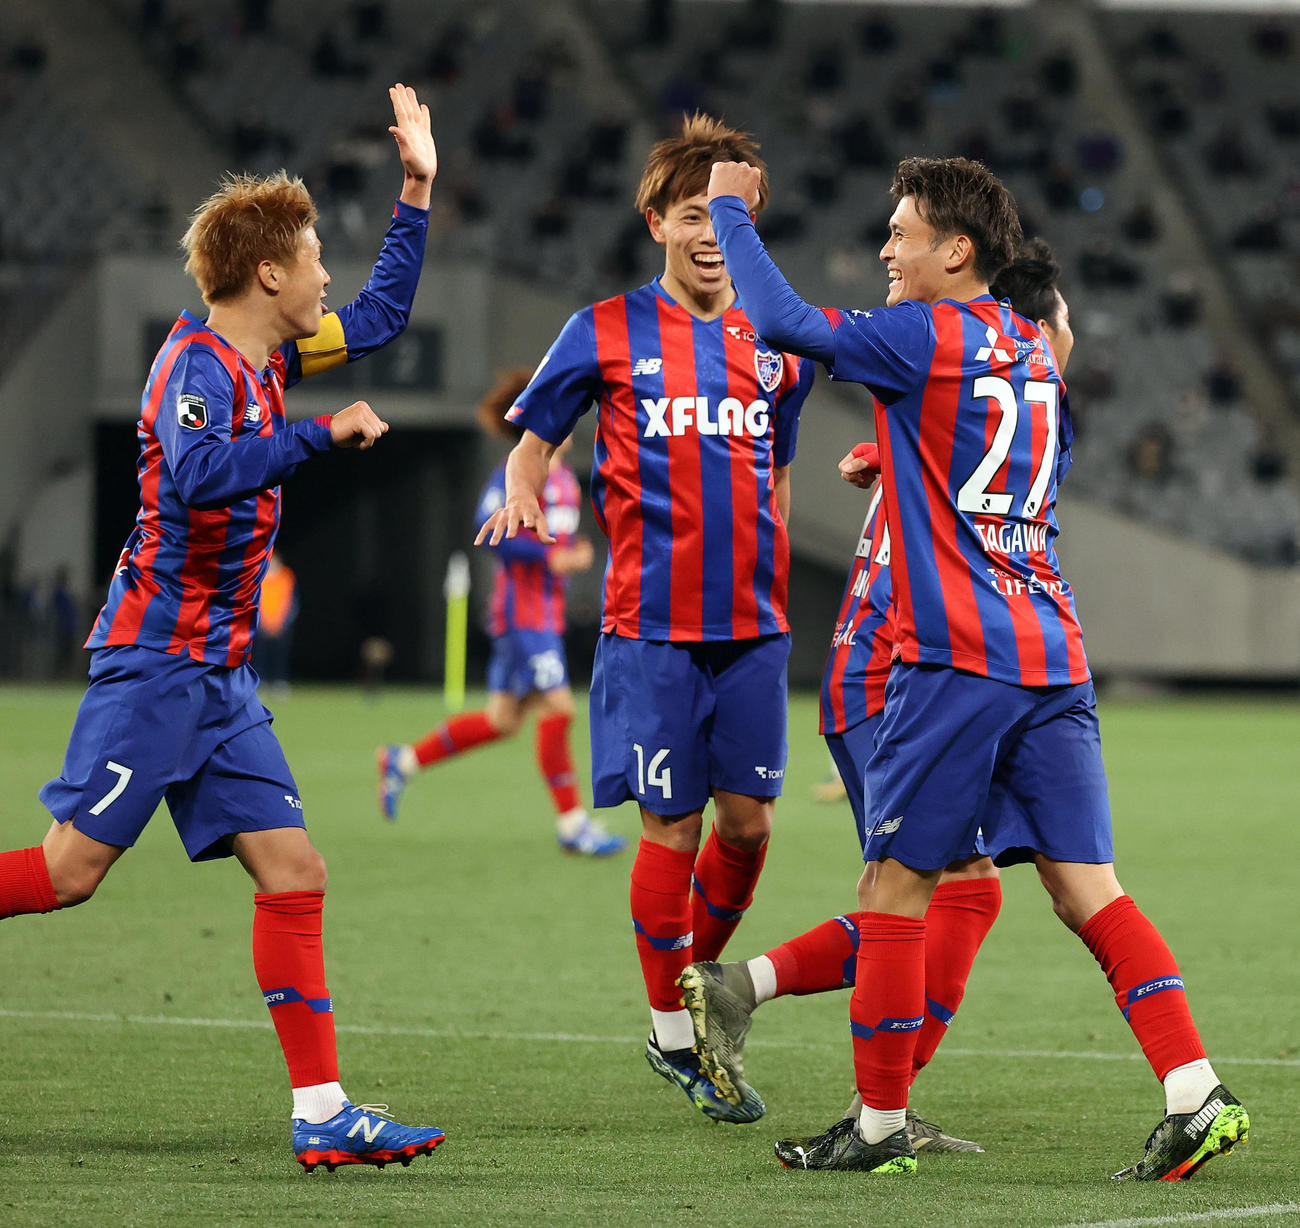 東京対徳島 後半、左足でゴールを決めた東京FW田川(右)は笑顔でイレブンと喜び合う(撮影・垰建太)